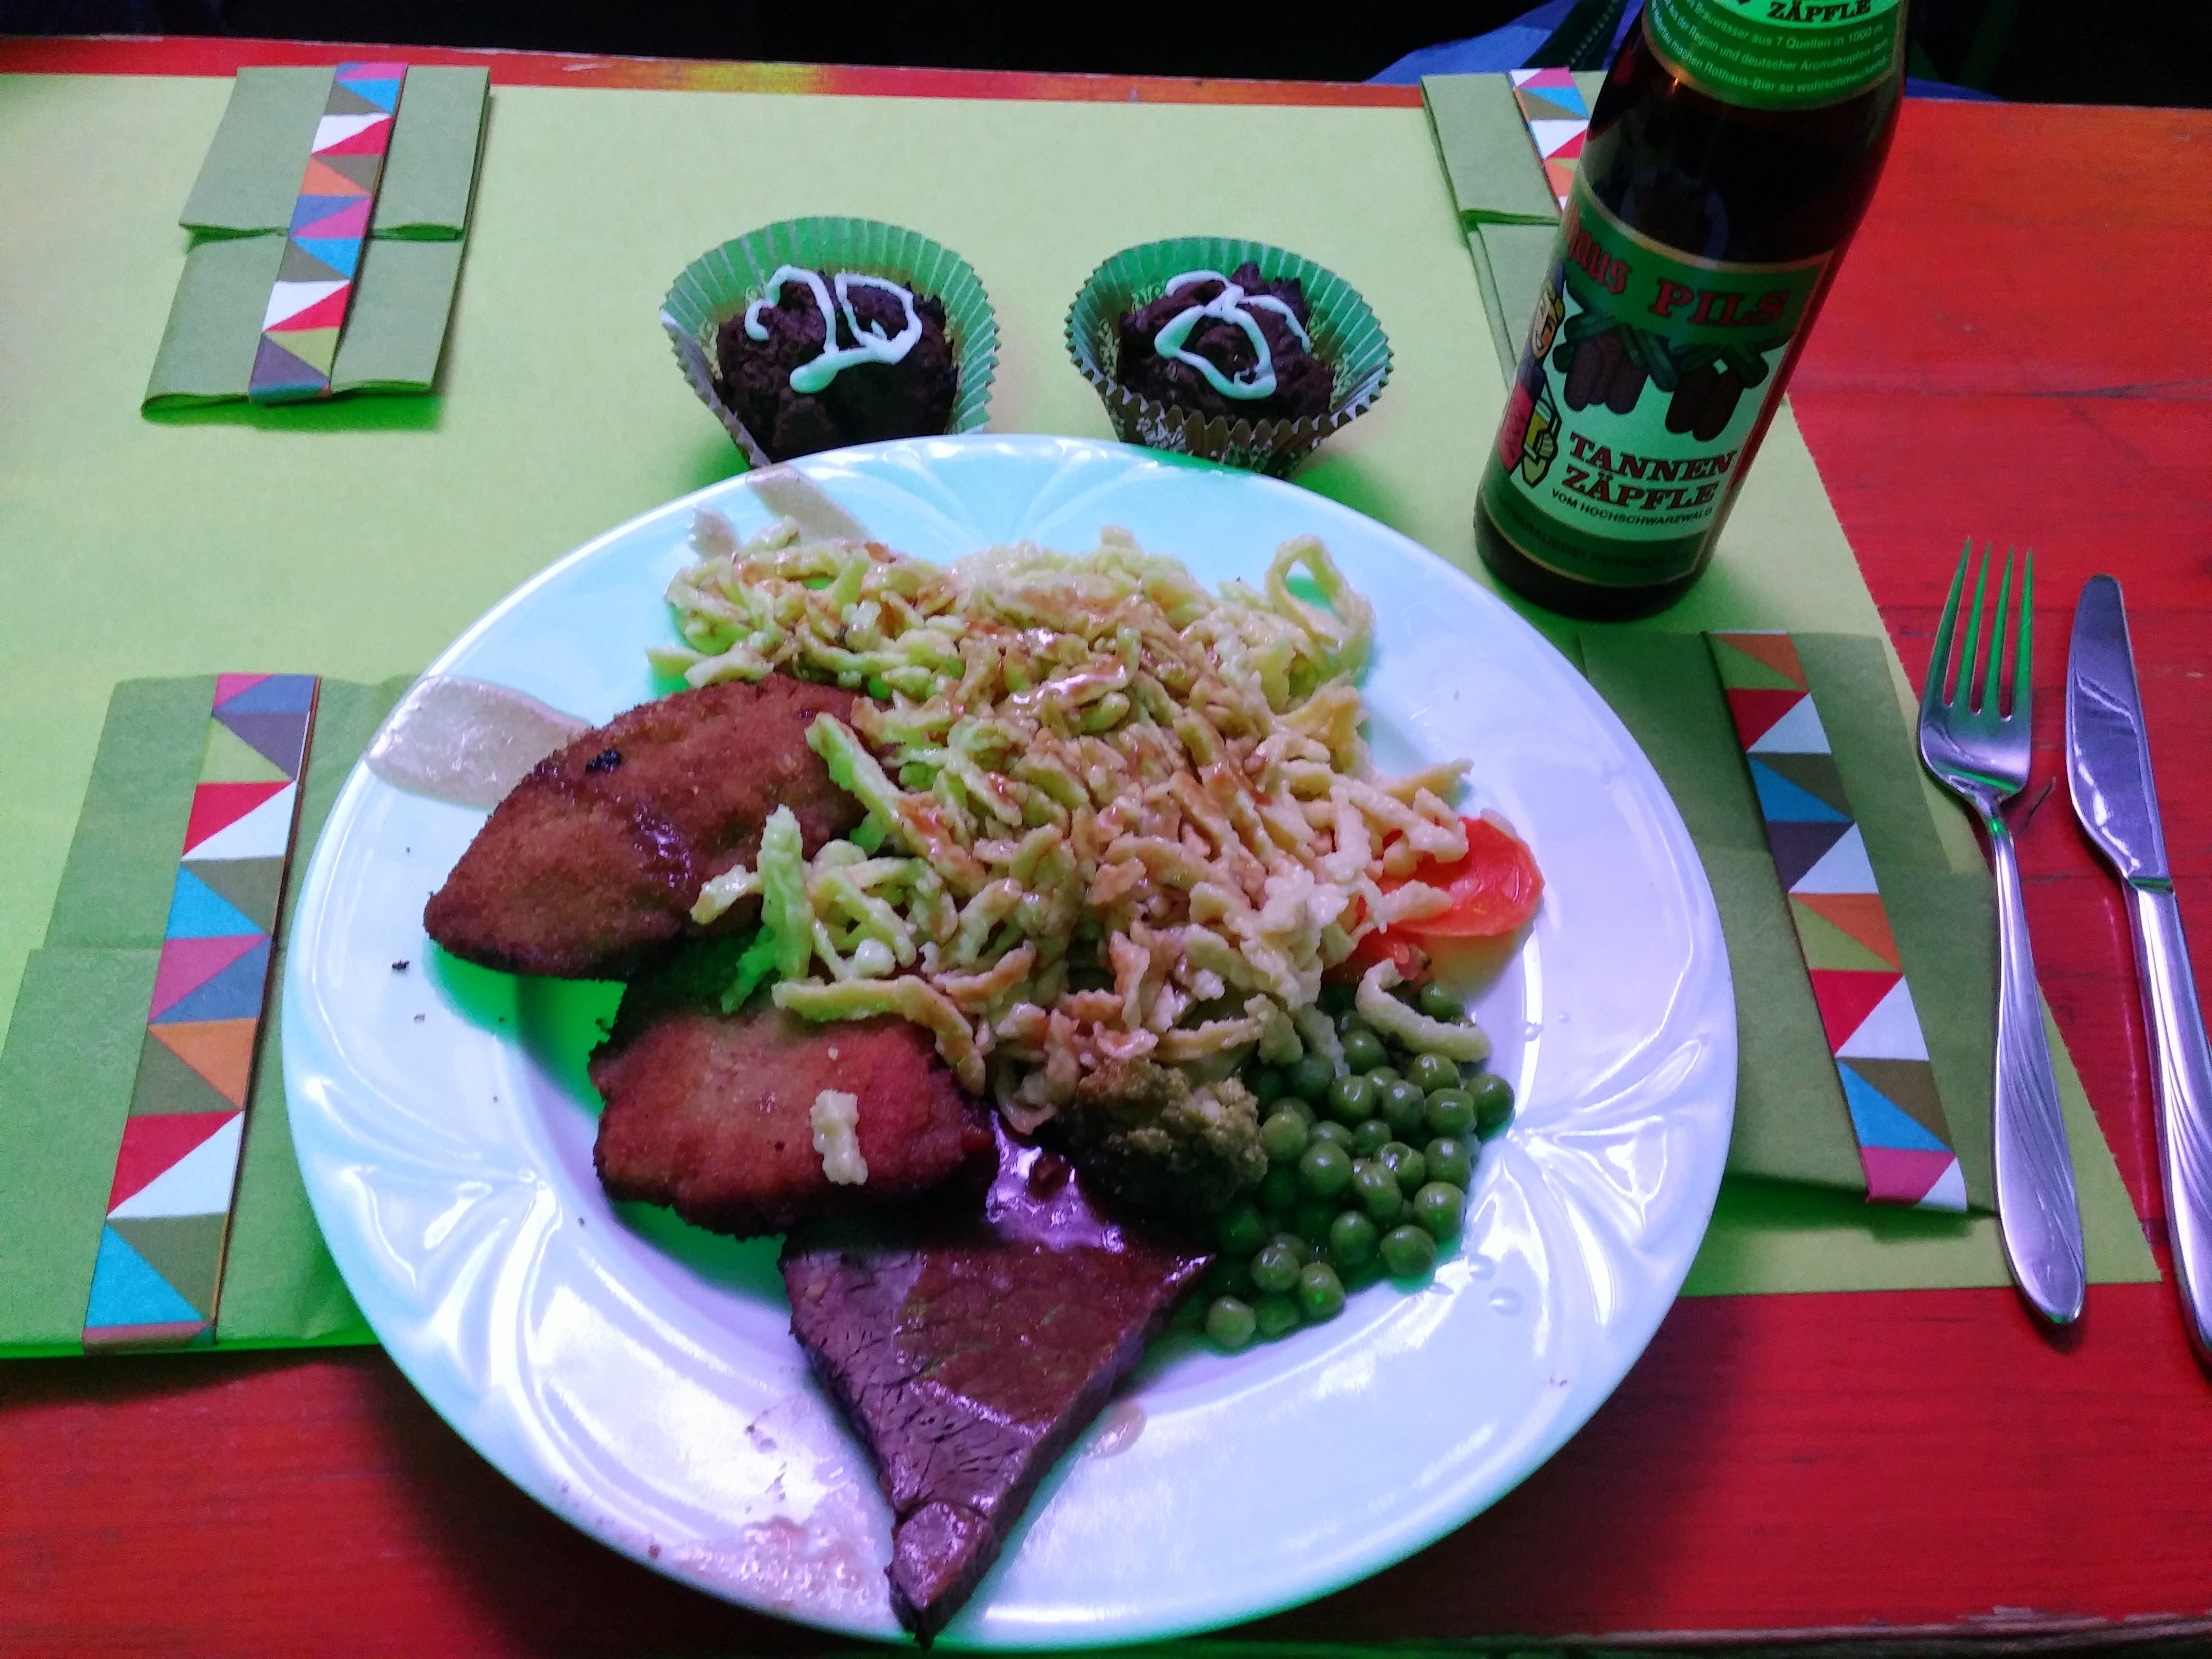 http://foodloader.net/nico_2015-01-15_schnitzel-und-sauerbraten-mit-spaetzle.jpg